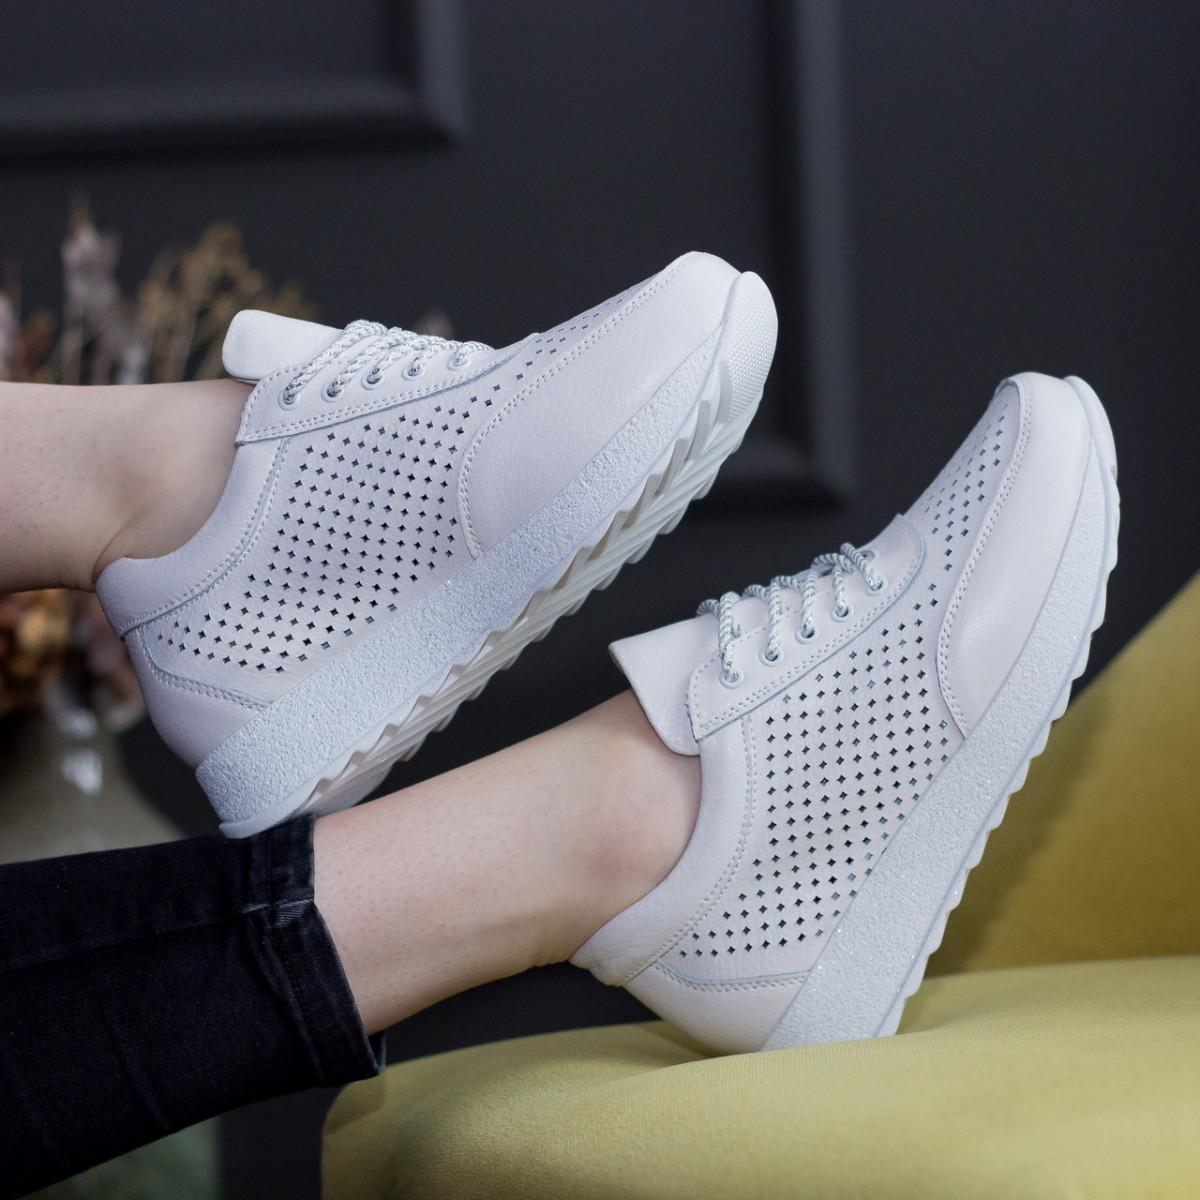 Кросівки жіночі Fashion Xiao 2671 39 розмір 24,5 см Білий